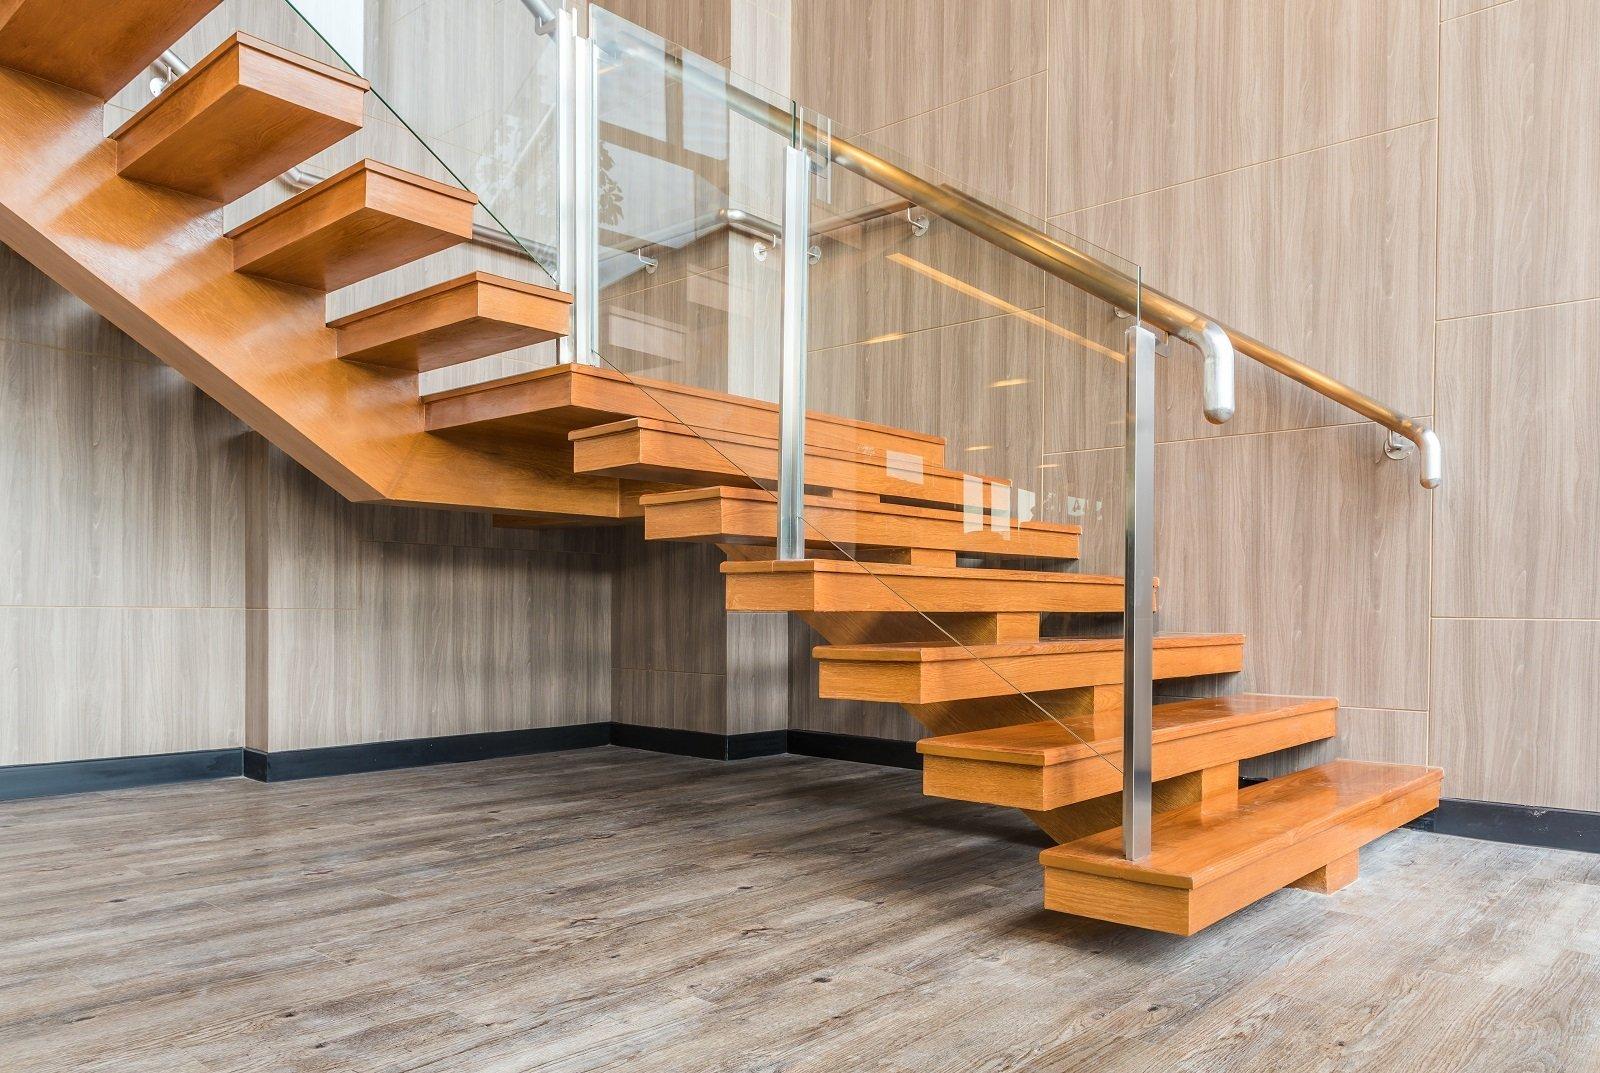 delle scale con gradini in legno e corrimano in vetro e ferro